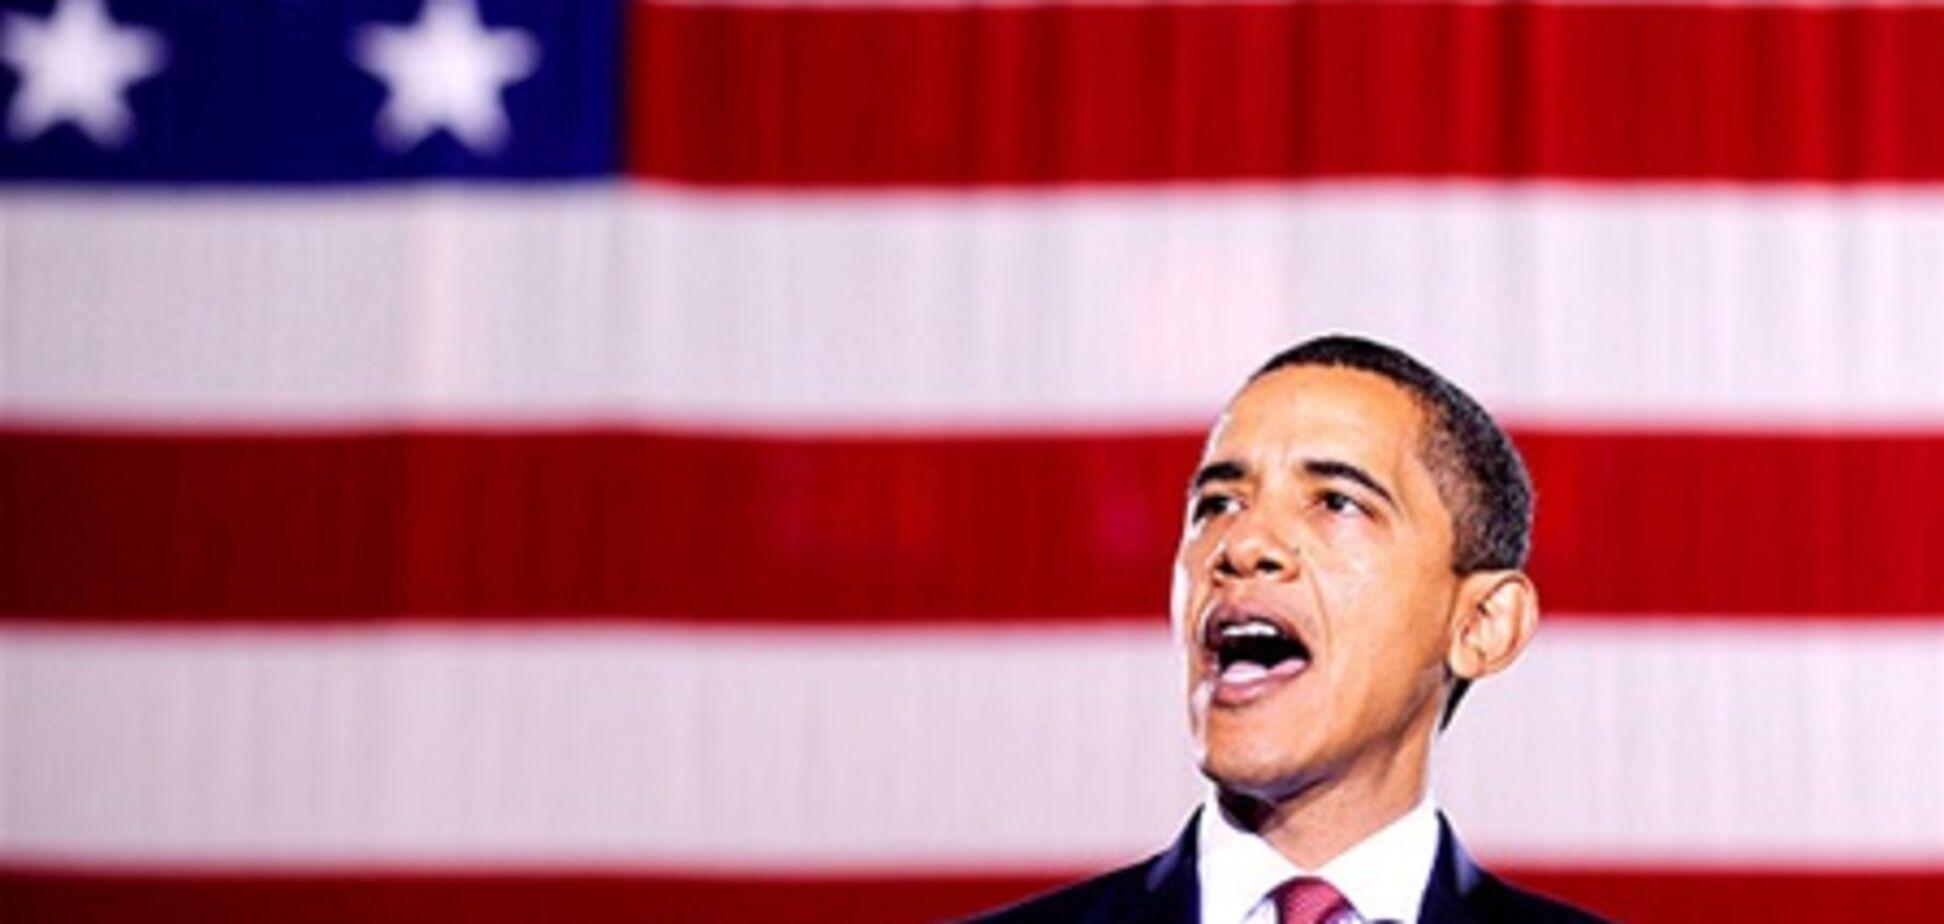 Эксперт: дефолта США не будет, американцы не самоубийцы